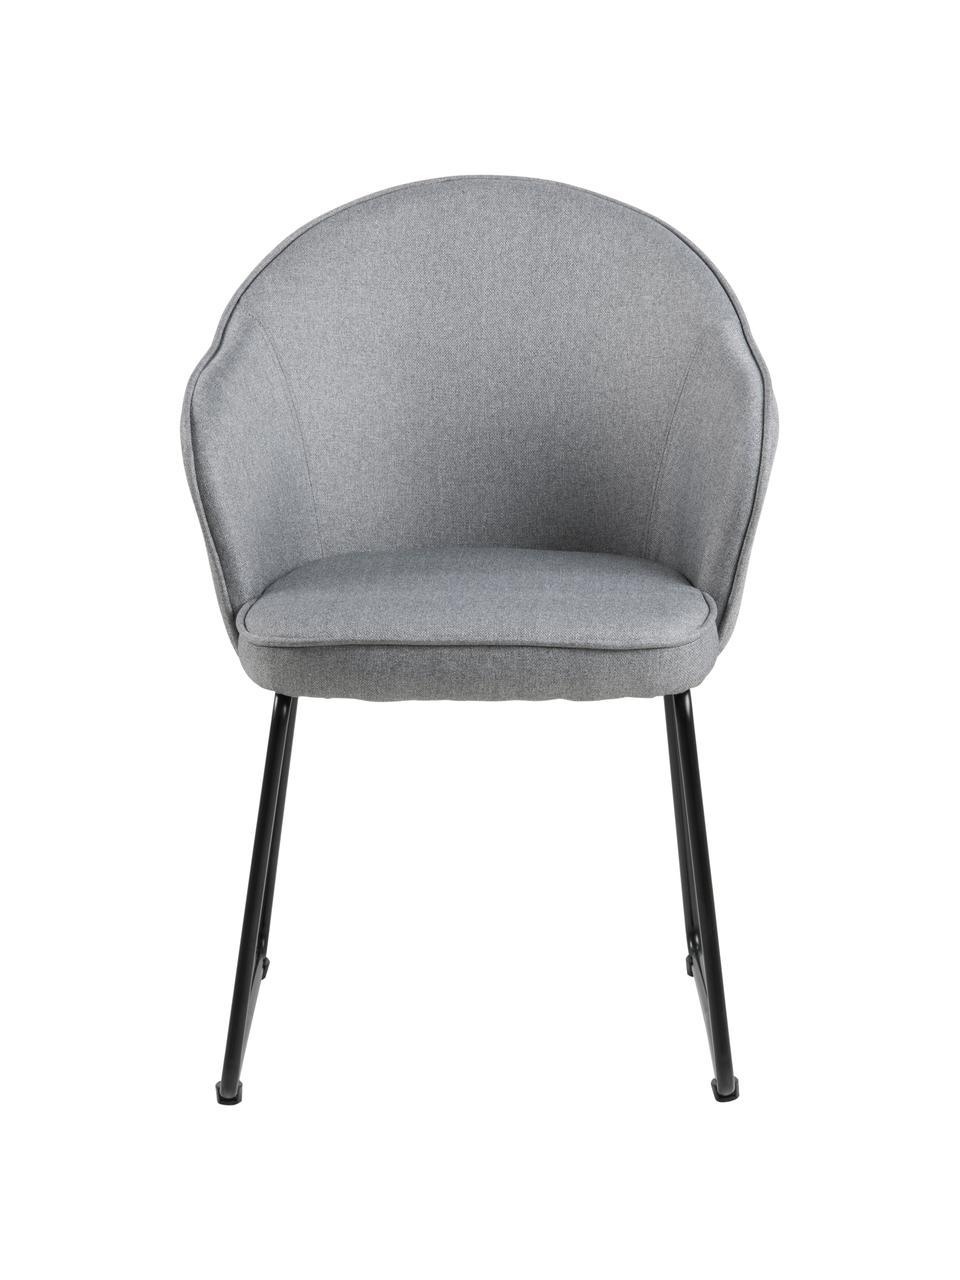 Krzesło z podłokietnikami Mitzie, Tapicerka: poliester Dzięki tkaninie, Nogi: metal lakierowany, Jasny szary, nogi: czarny, S 57 x G 59 cm